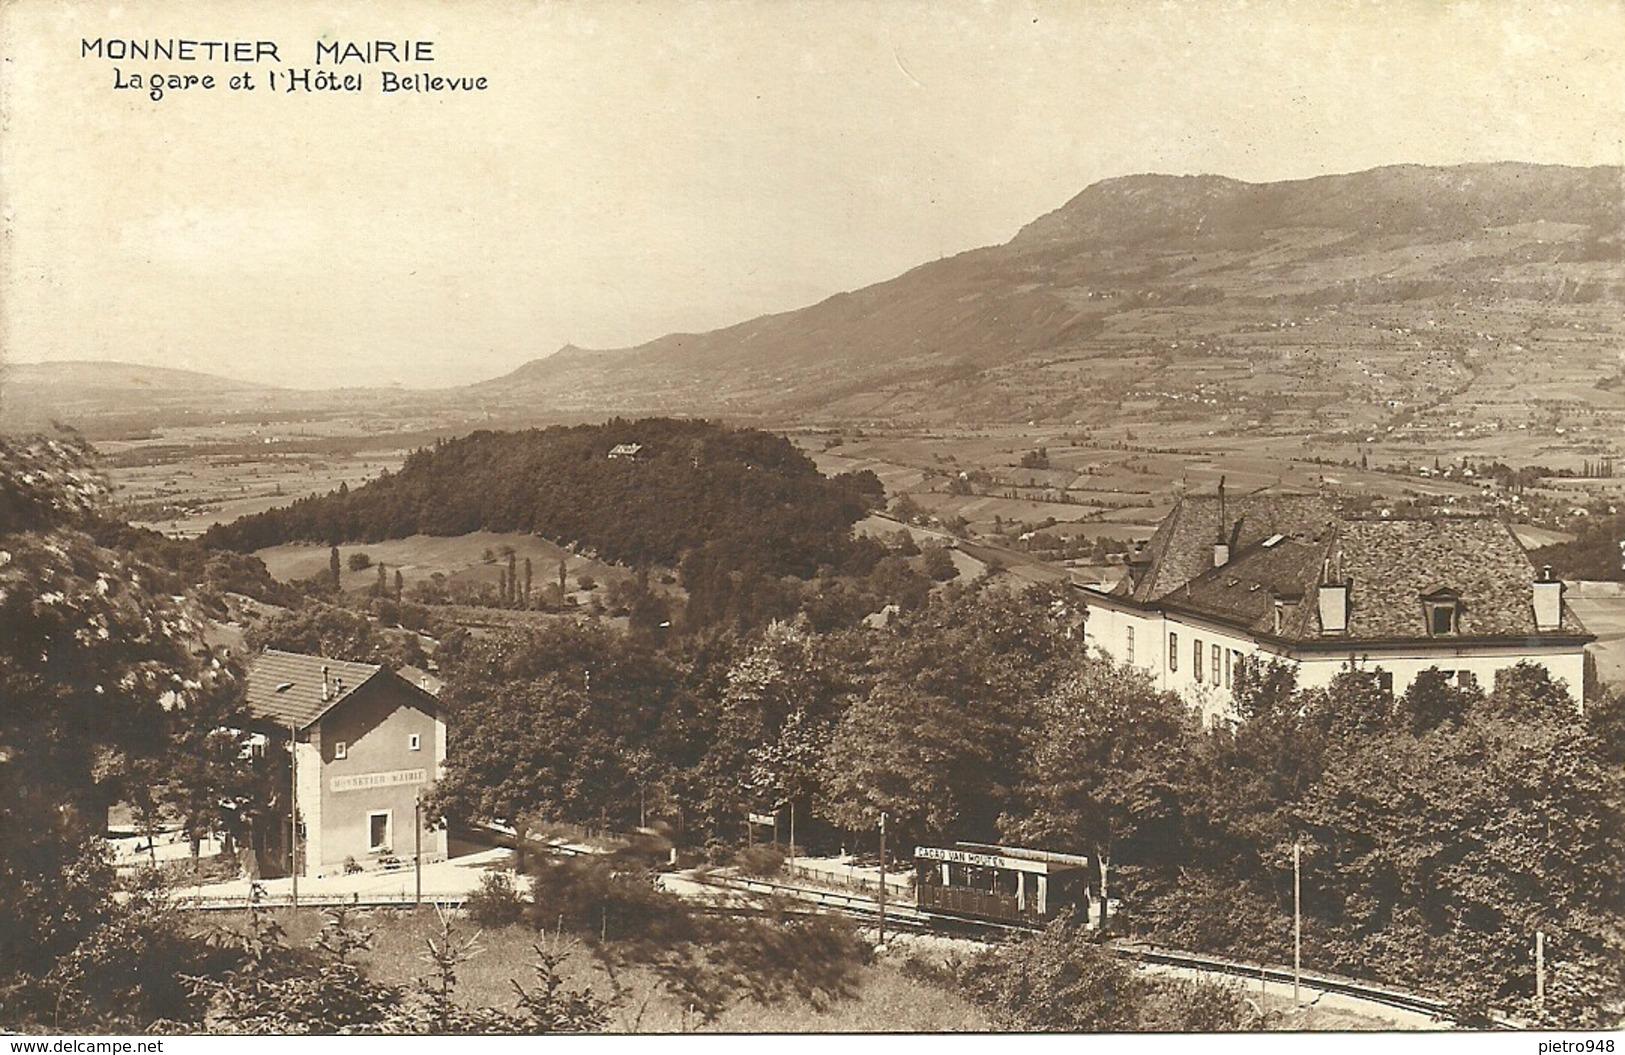 Monnetier Mairie (Haute Savoie, France) La Gare Avec Le Train Et L'Hotel Bellevue - Autres Communes